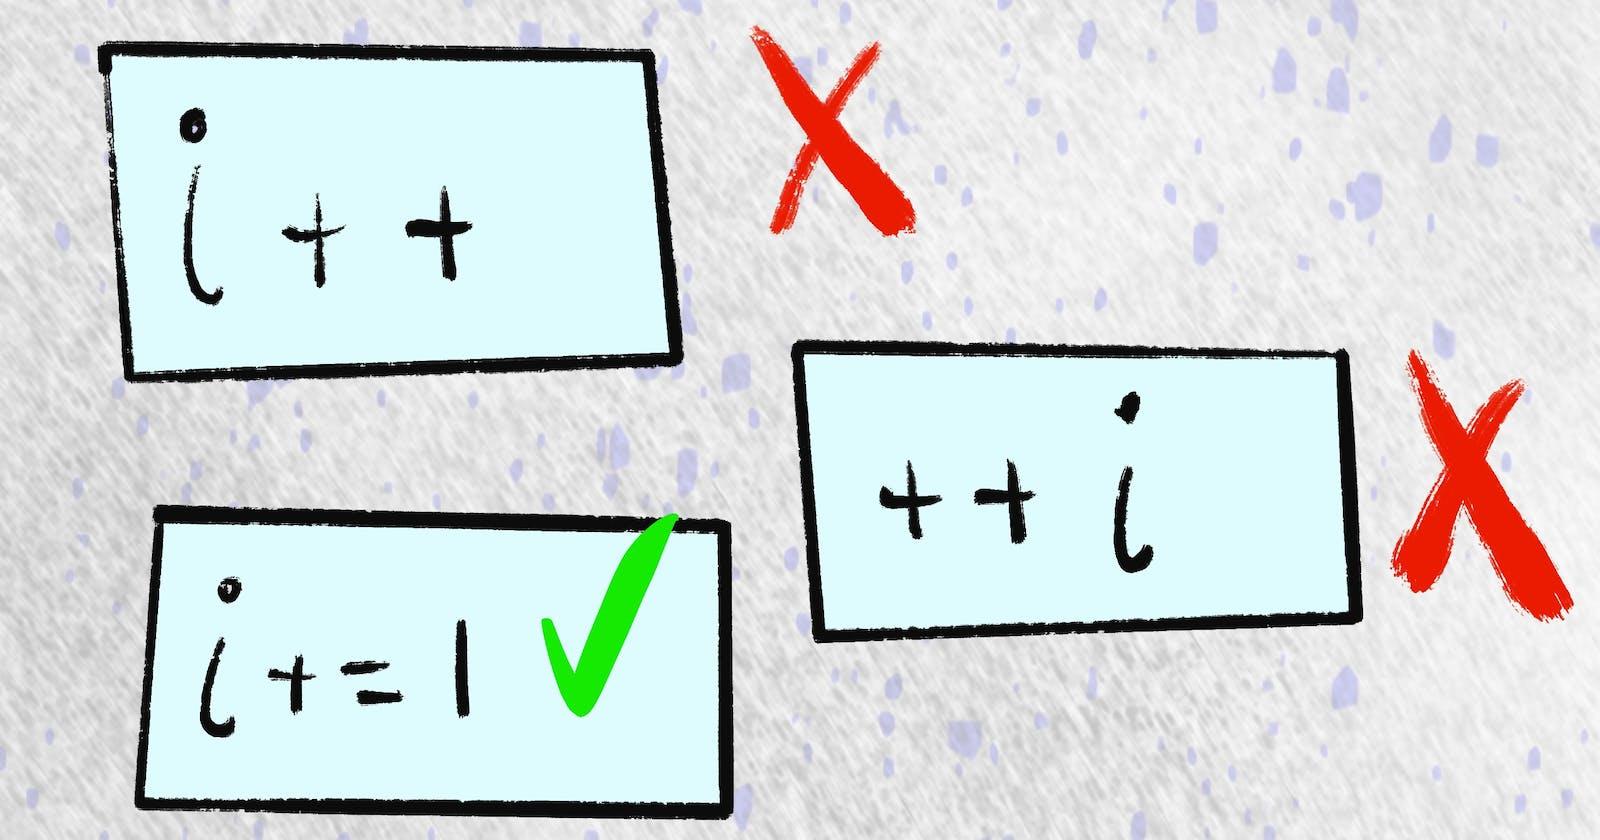 When to use i++ vs ++i vs i+=1